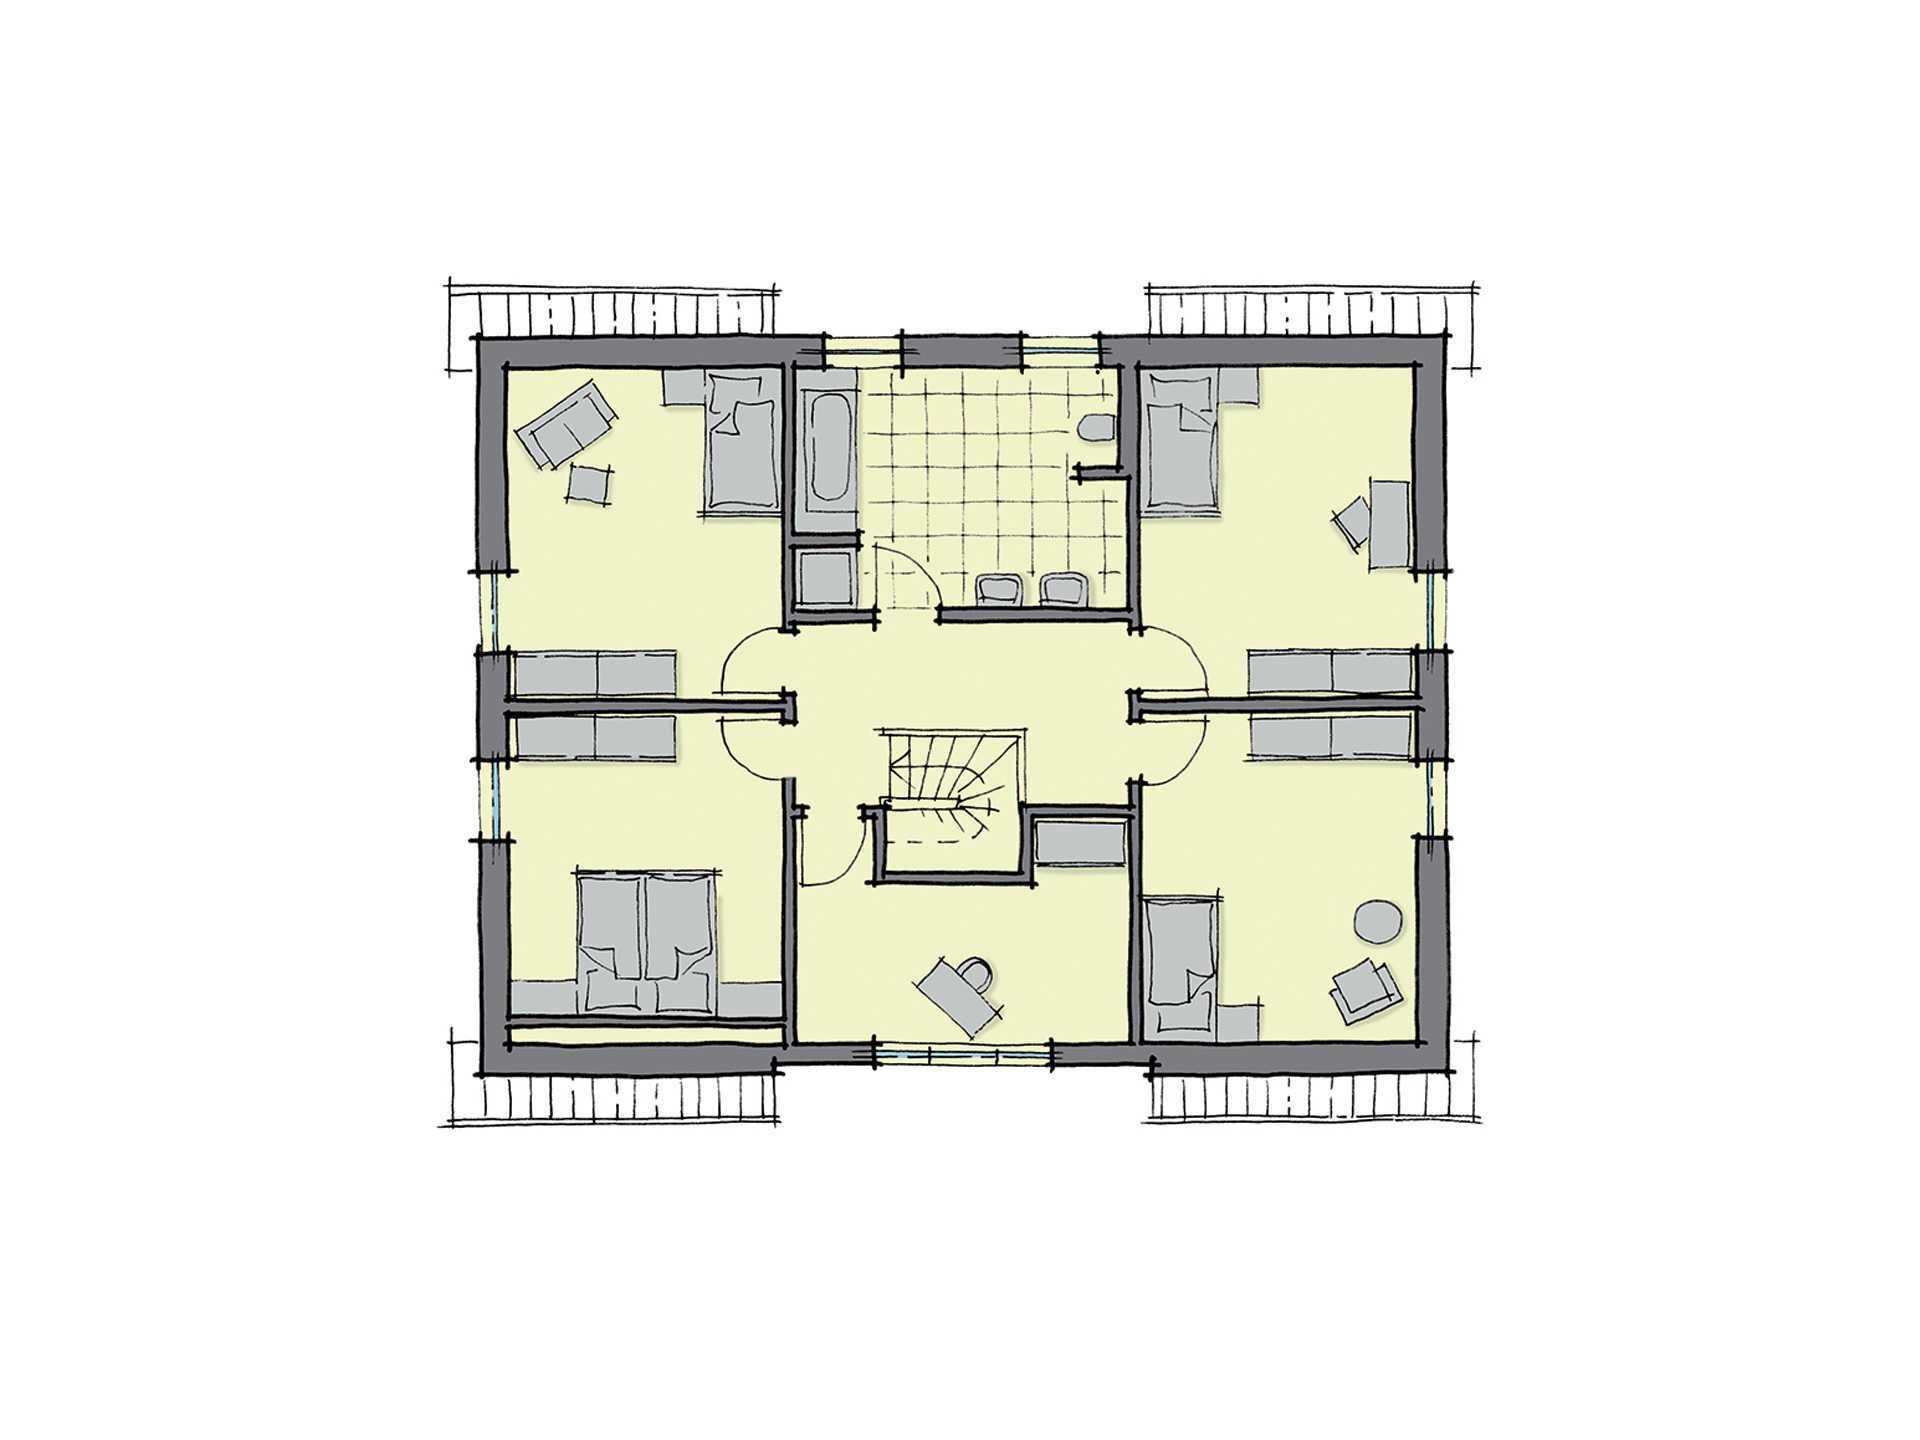 einfamilienhaus lugano mit einliegerwohnung gussek haus. Black Bedroom Furniture Sets. Home Design Ideas